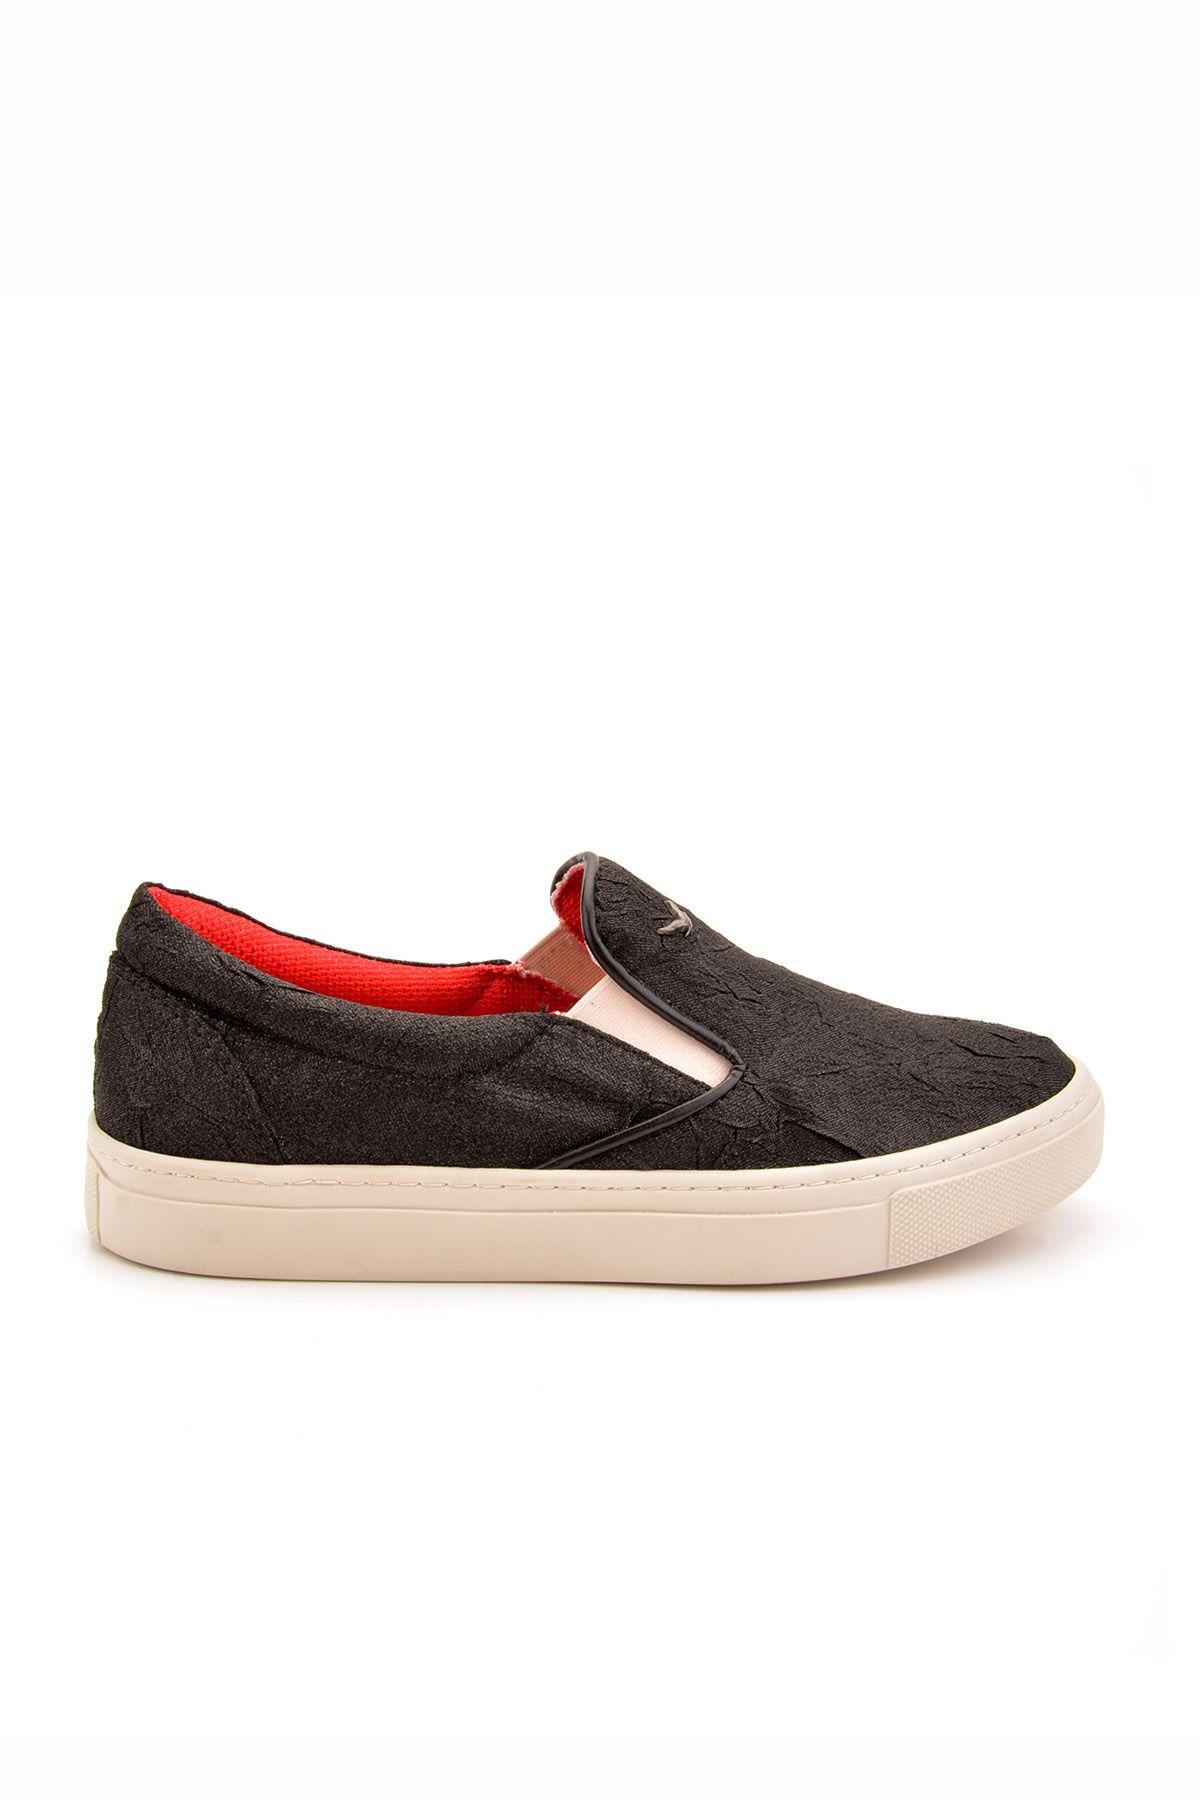 Art Goya Silvery Linen Women Sneakers Black